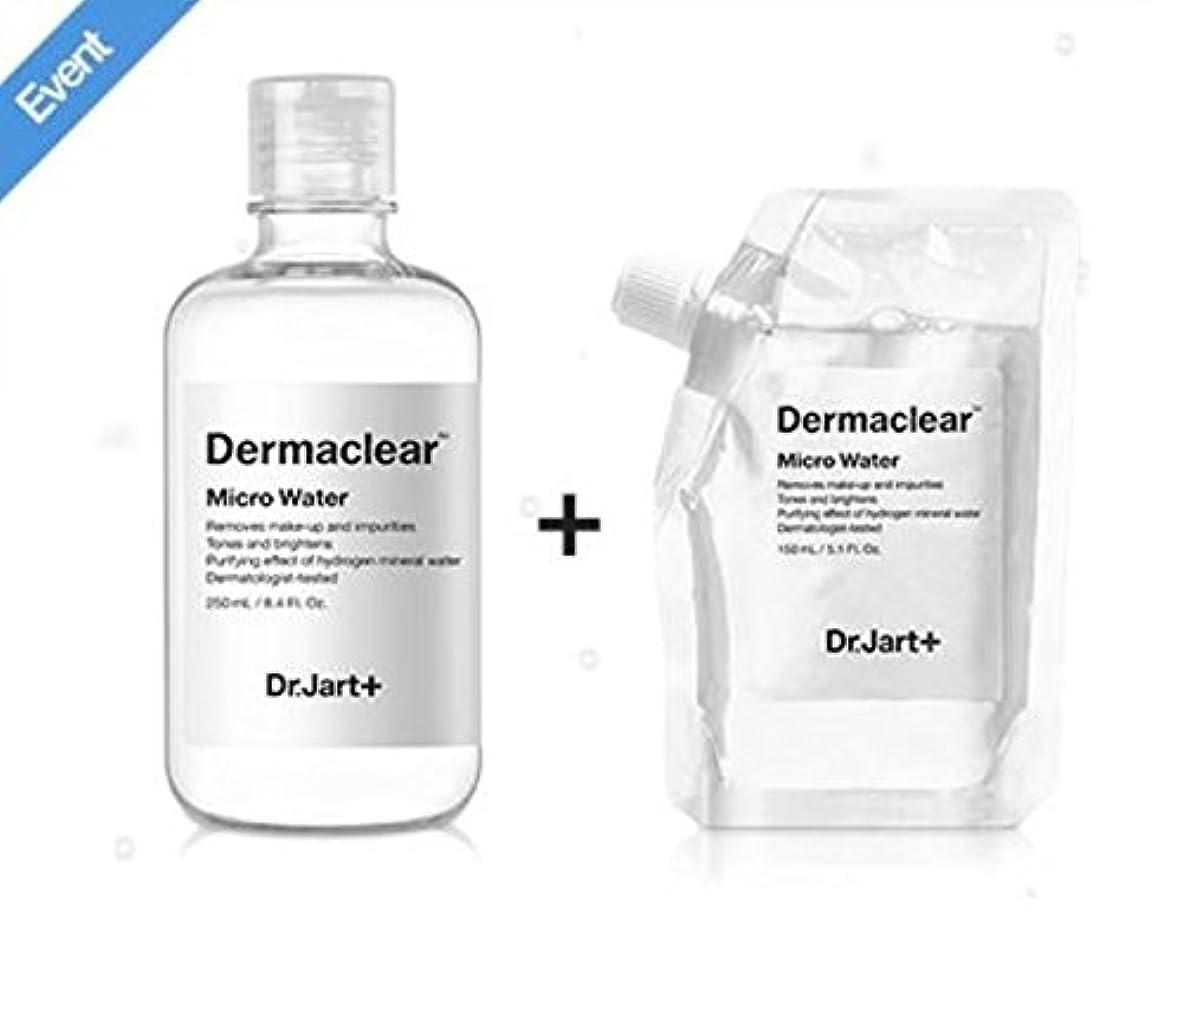 ロープうぬぼれ資産ドクタージャルト[韓国コスメ Dr.Jart+]ダーマクリア マイクロ ウォーター250ml+150ml(リフィル) [korean cosmetic Dr.Jart+]Dermaclear Micro Water (250ml...